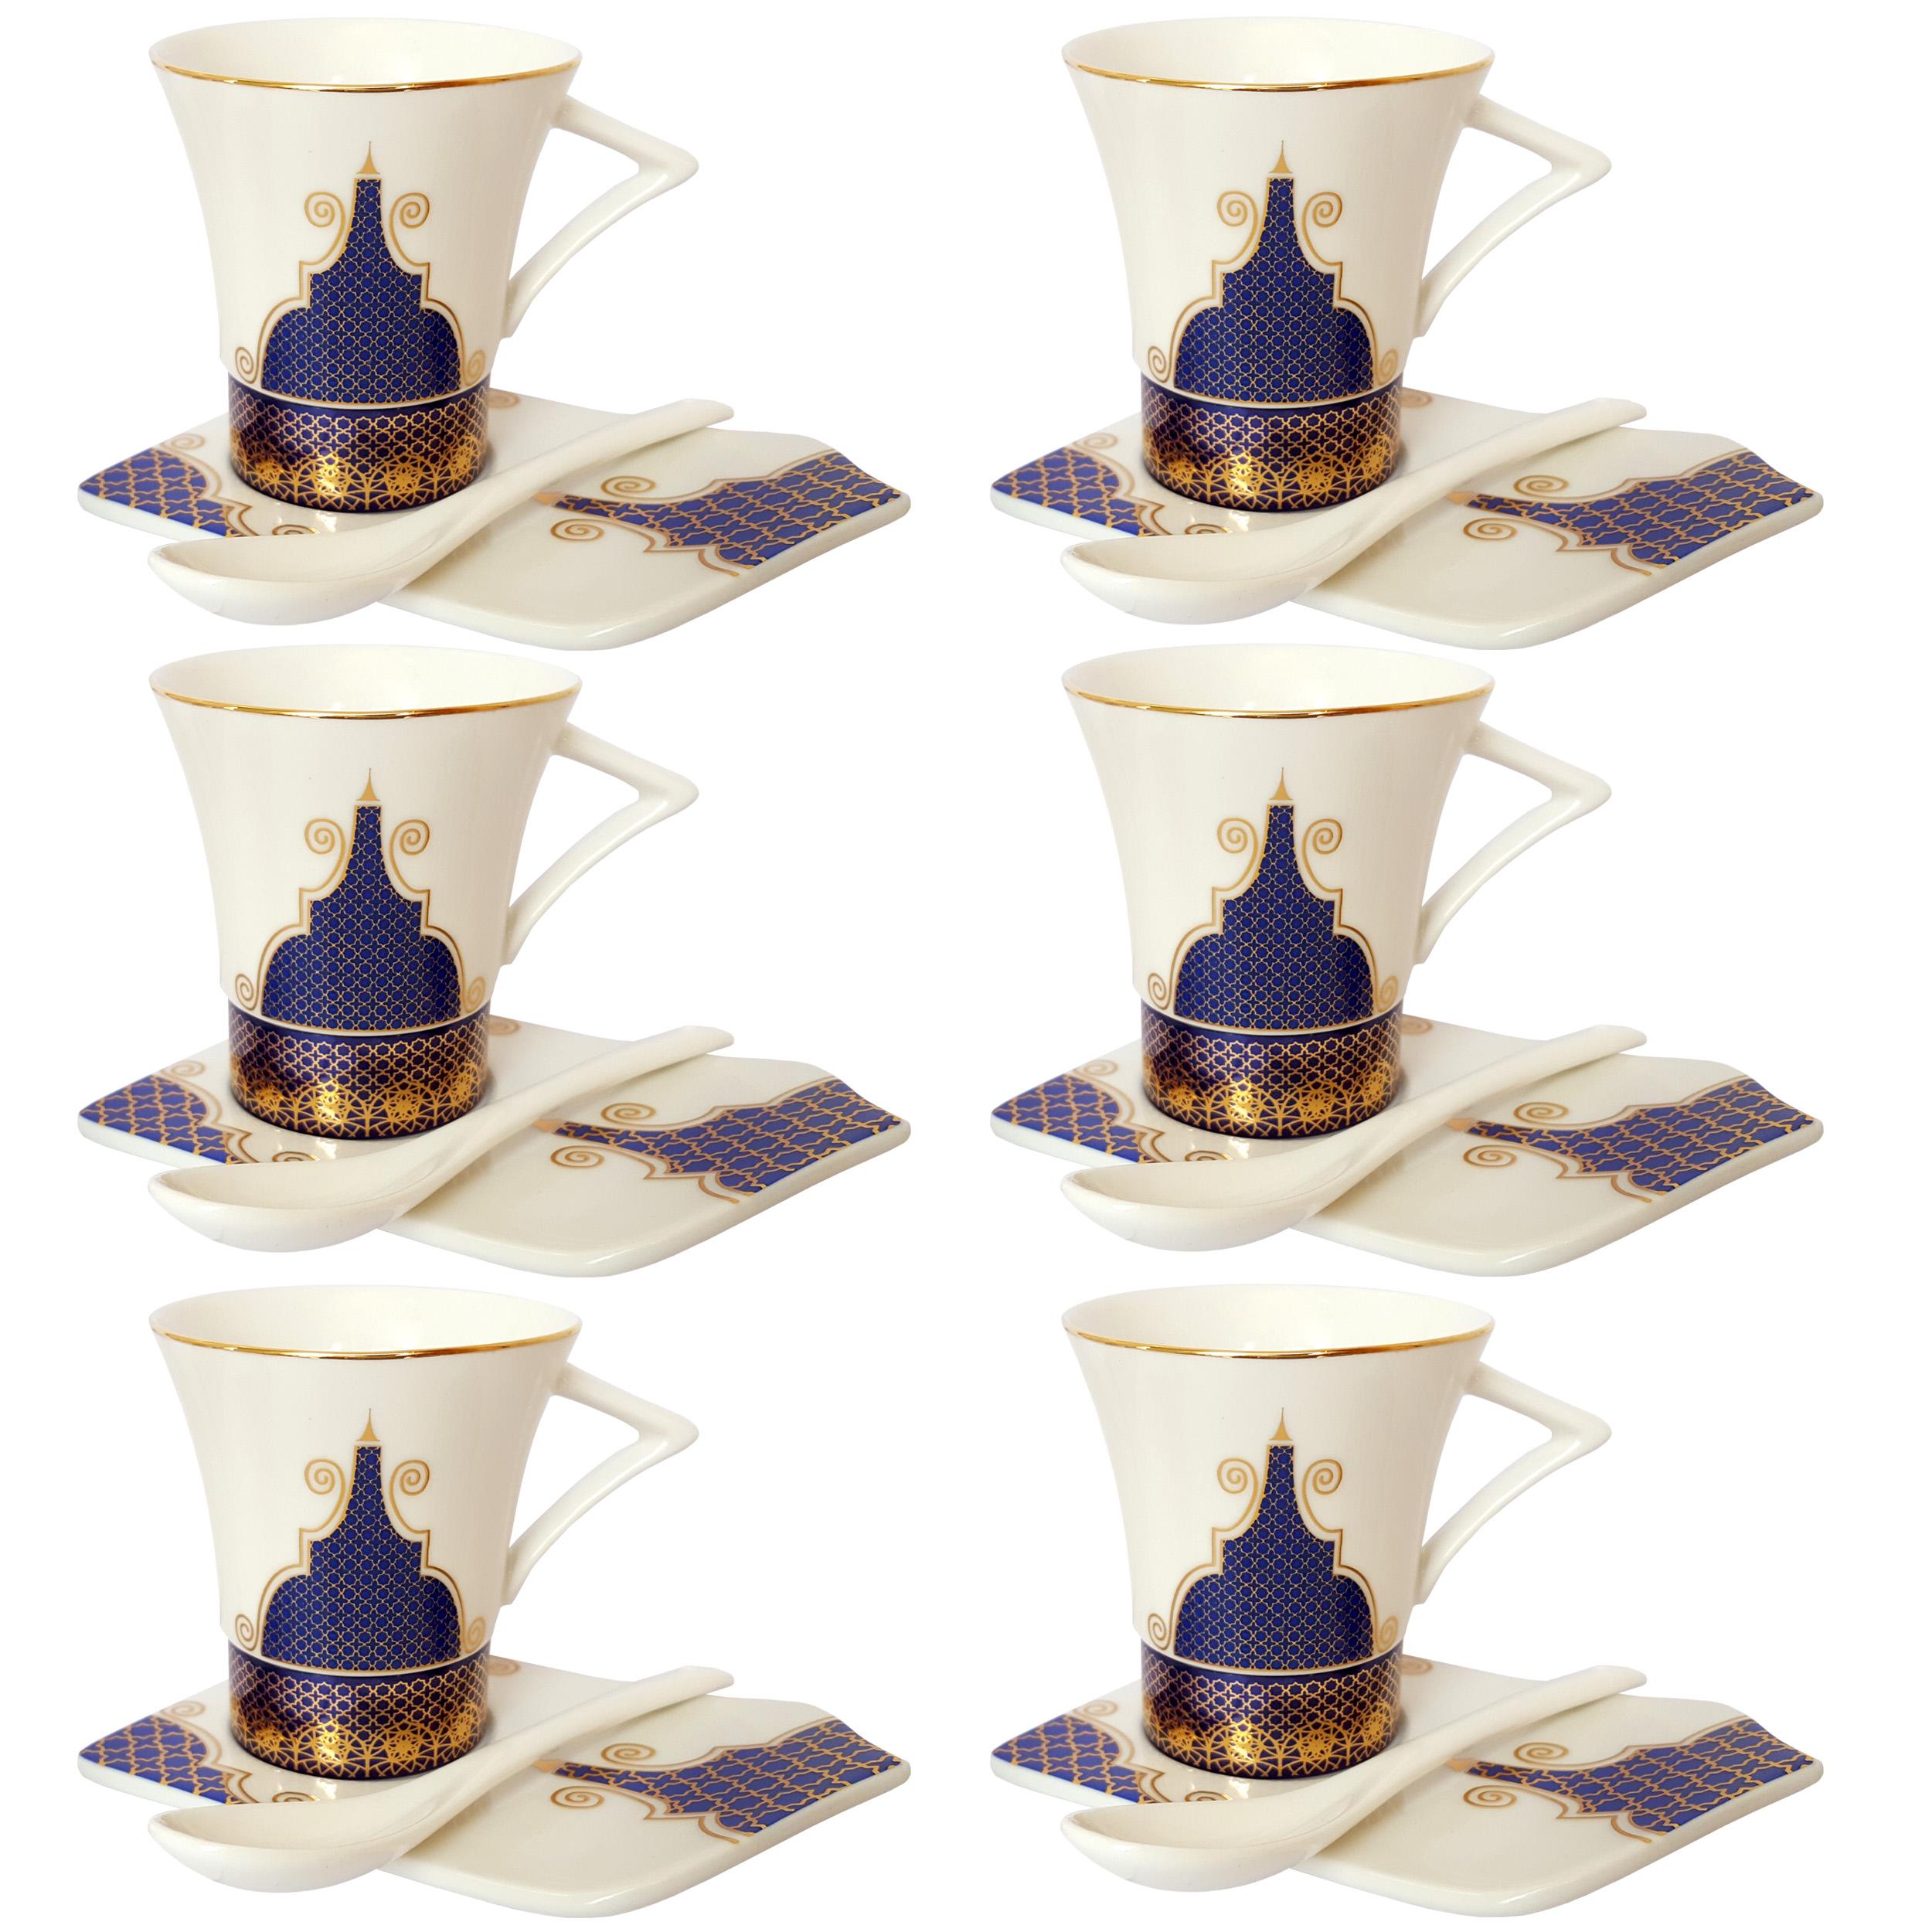 سرویس قهوه خوری 12 پارچه مدل مصری کد AB12-2